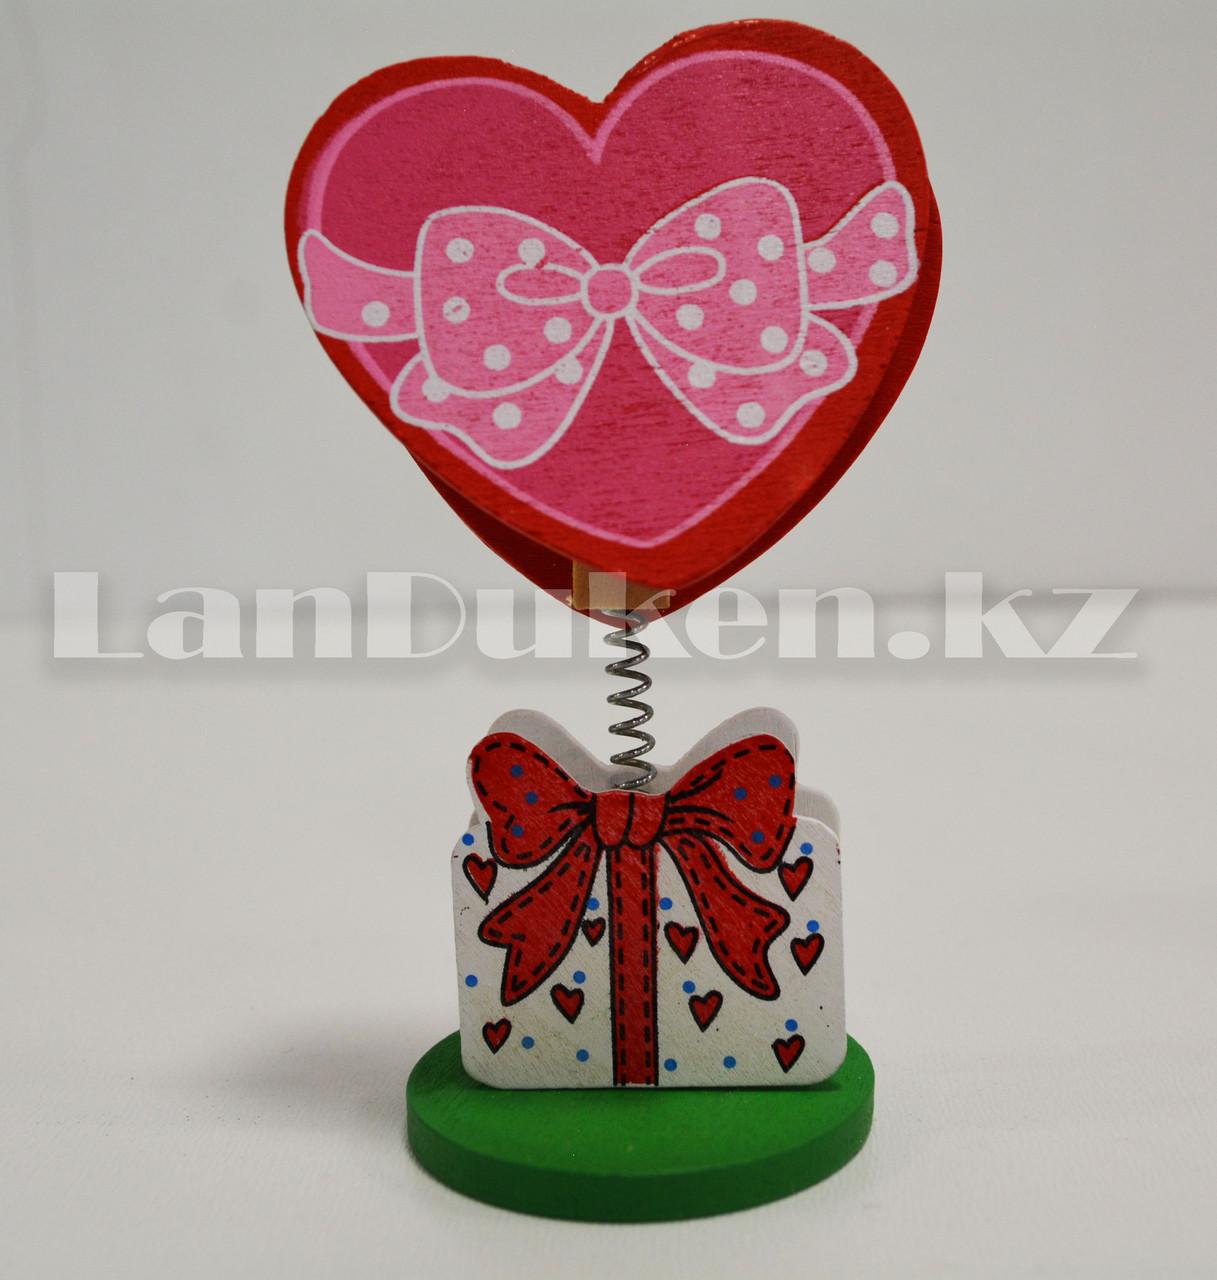 Настольная прищепка для визиток посланий и фотографий в виде сердца деревянные Валентинки в ассортименте - фото 5